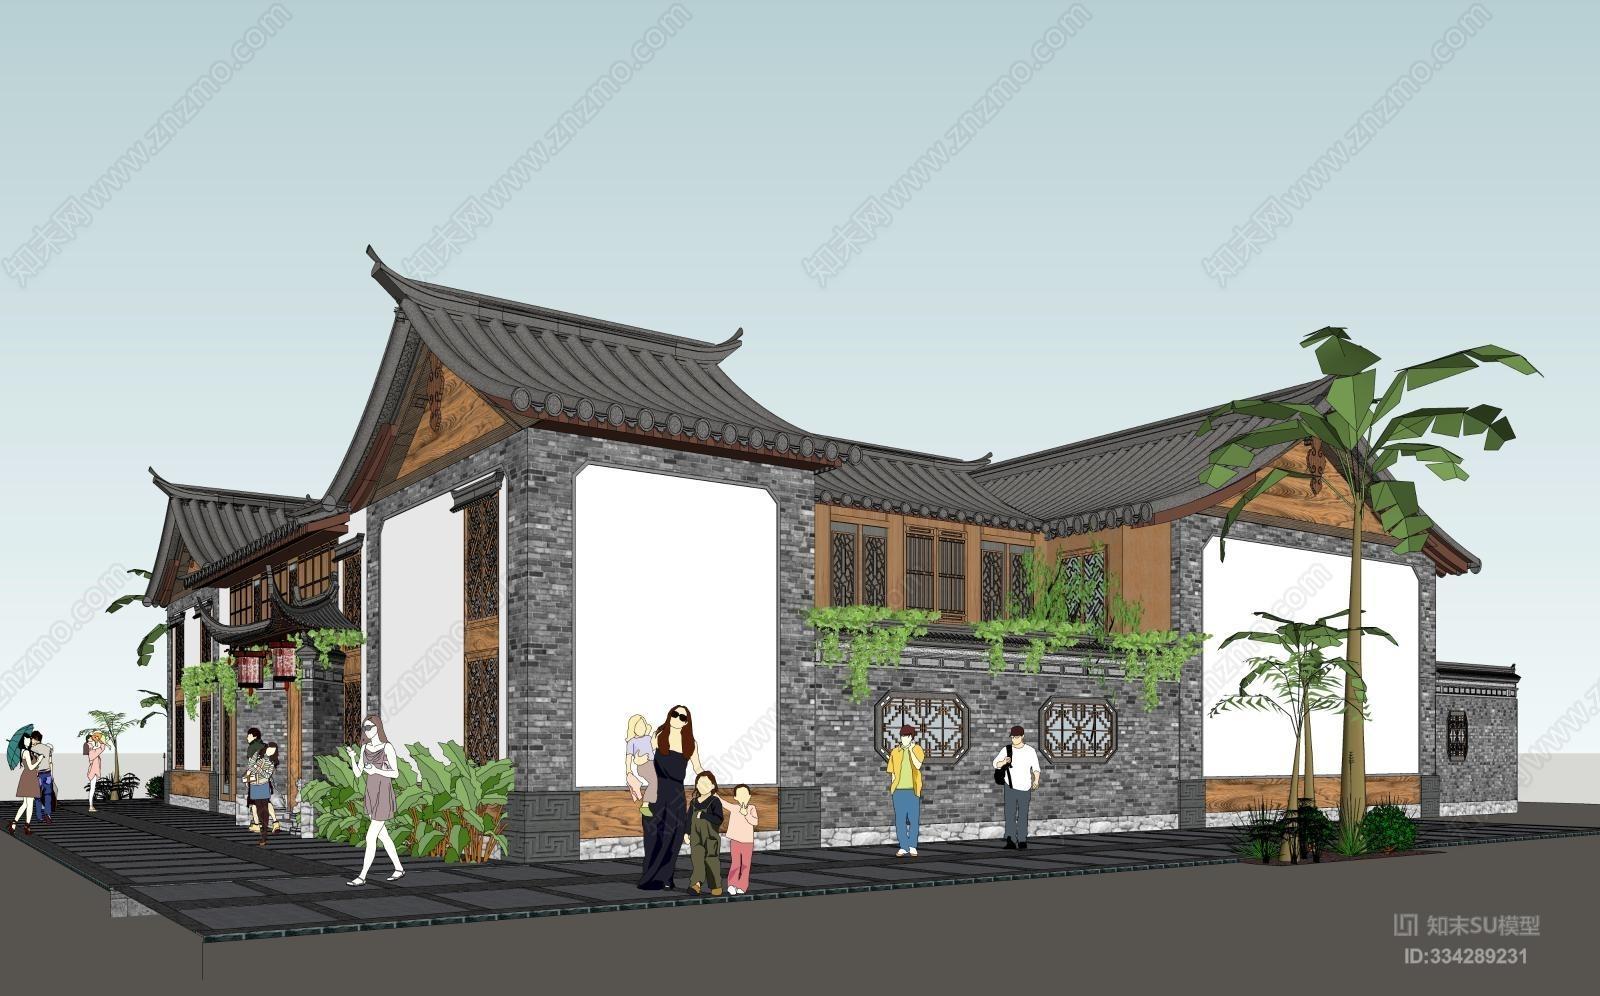 新中式民宿客栈四合院建筑SU模型